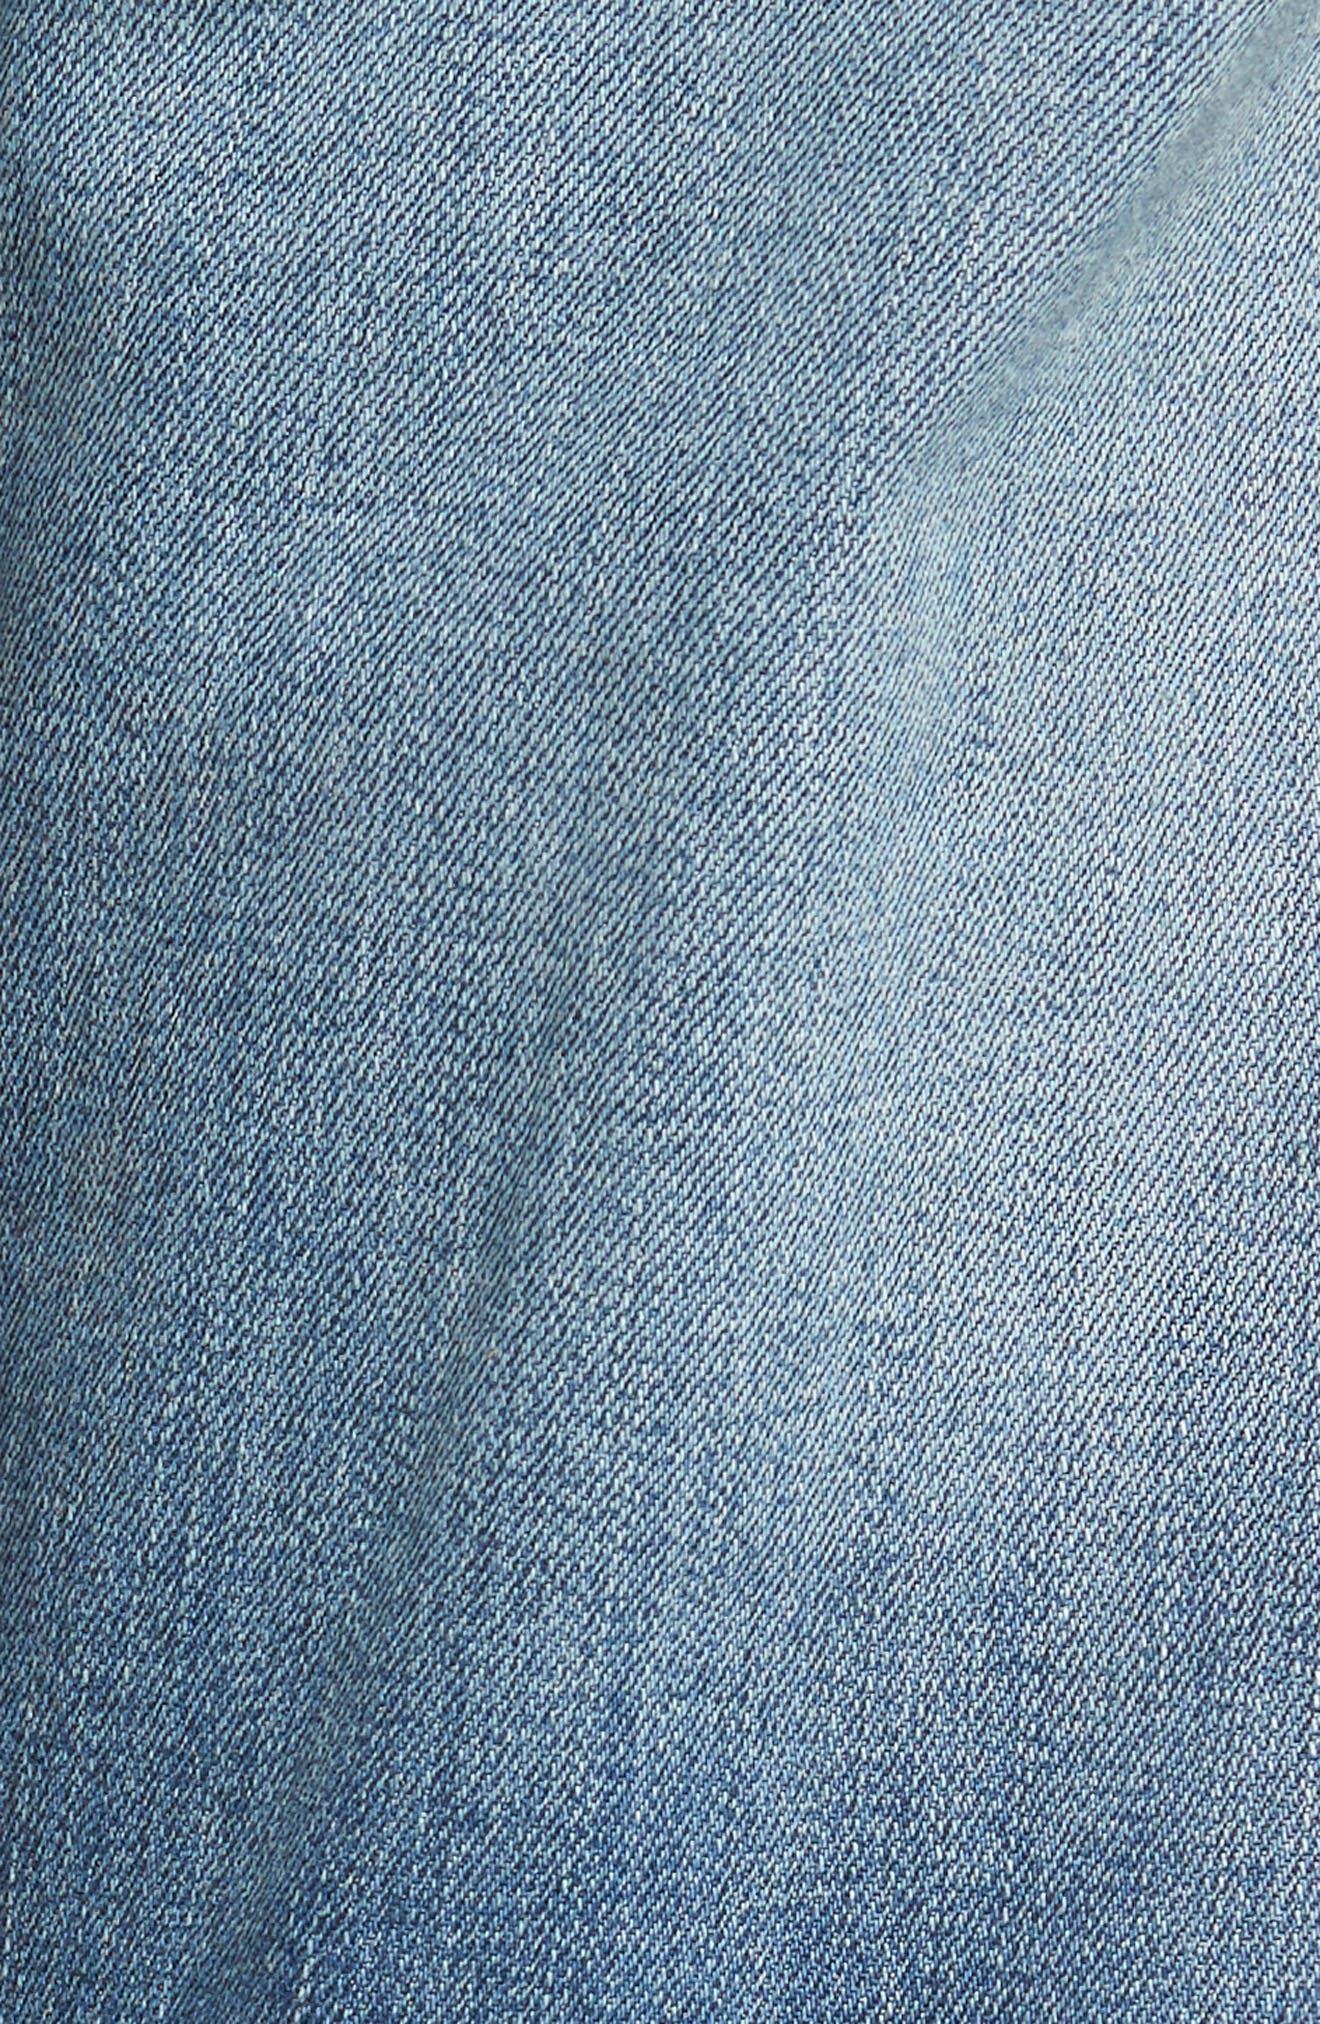 Slim Fit Jeans,                             Alternate thumbnail 5, color,                             135